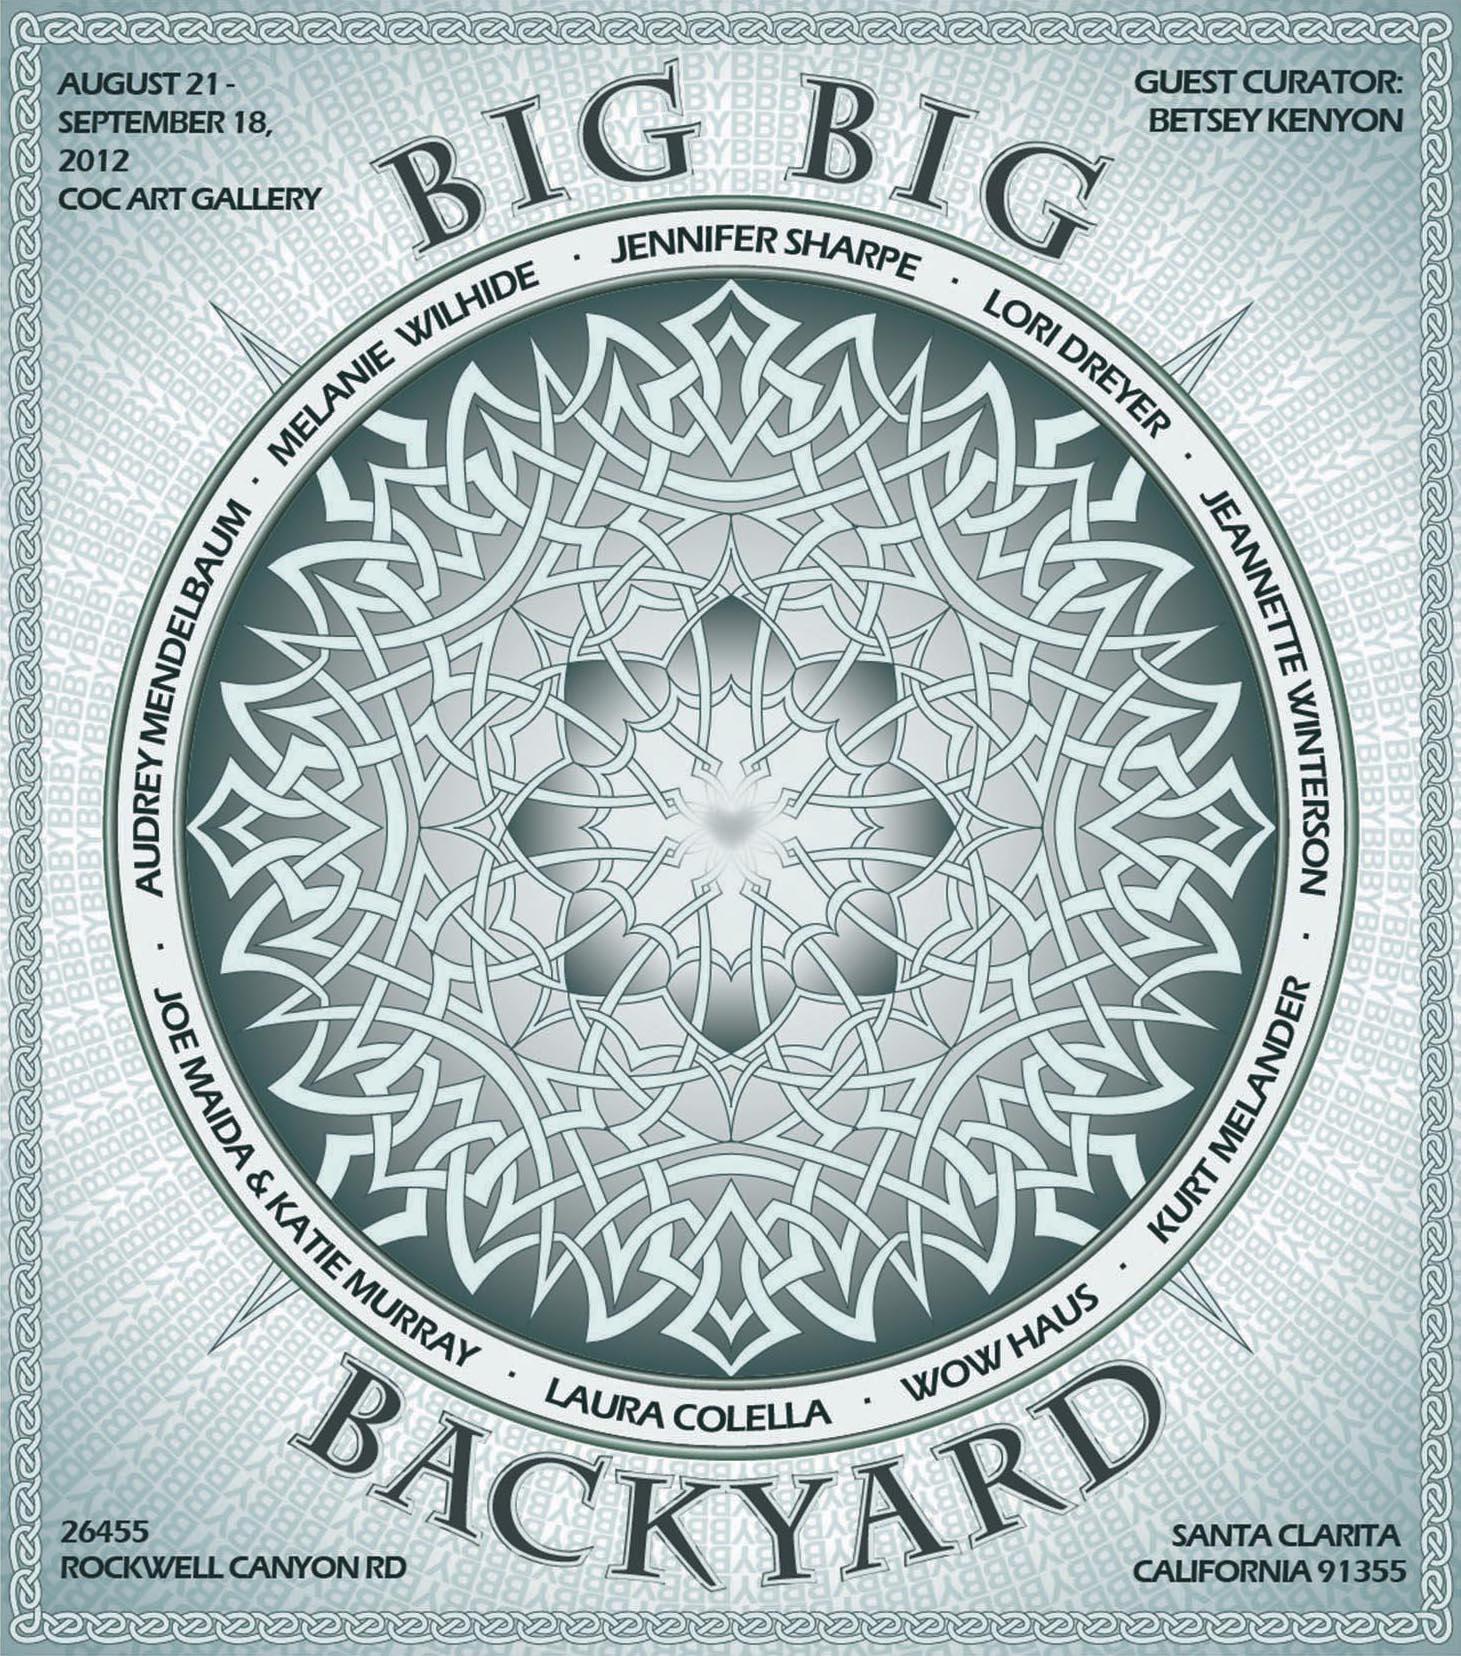 Big Big Backyard Poster.jpg